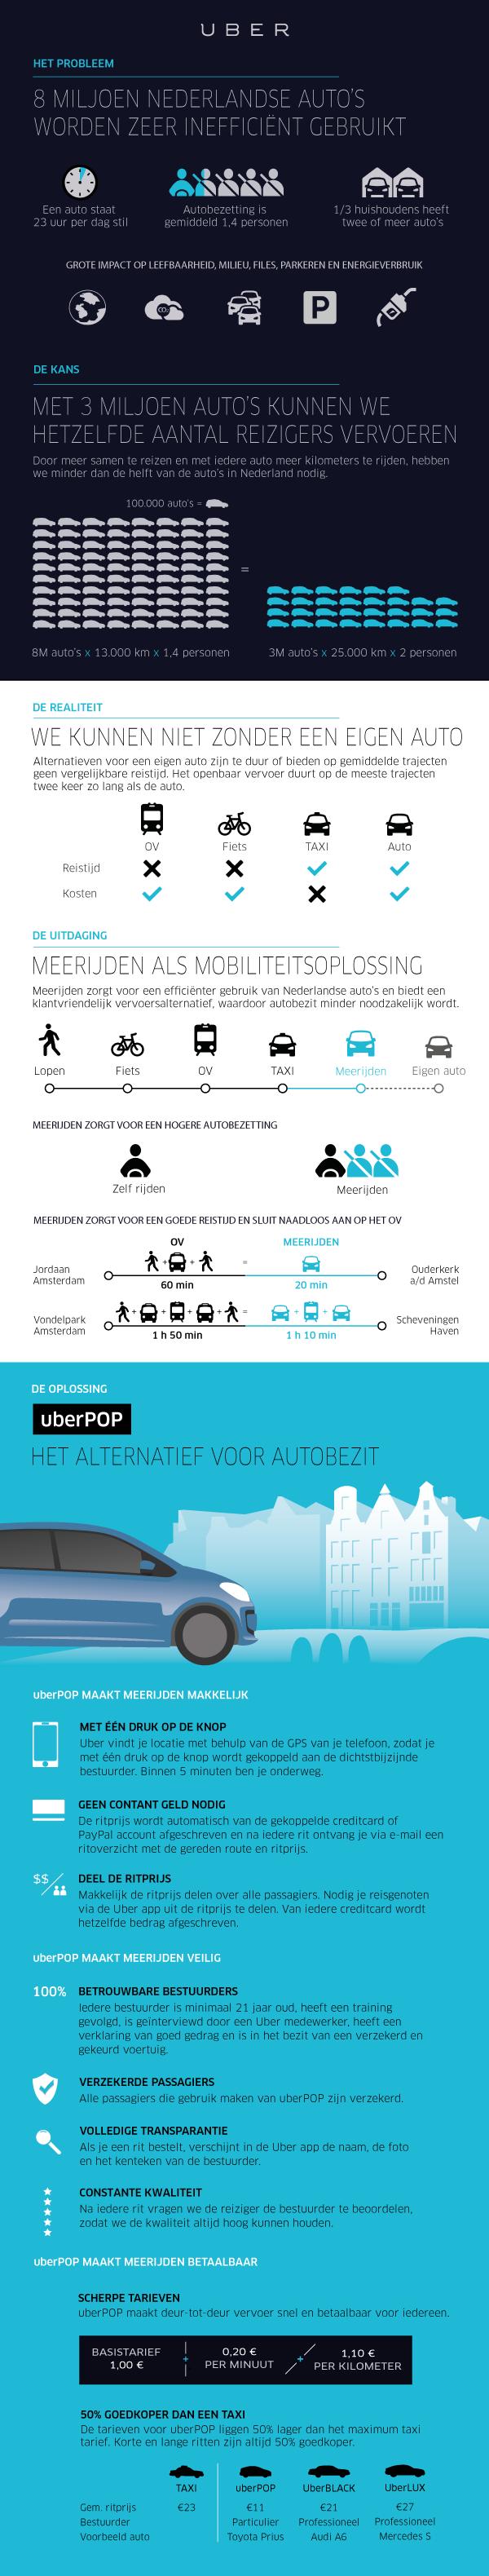 uberPOP-infographic